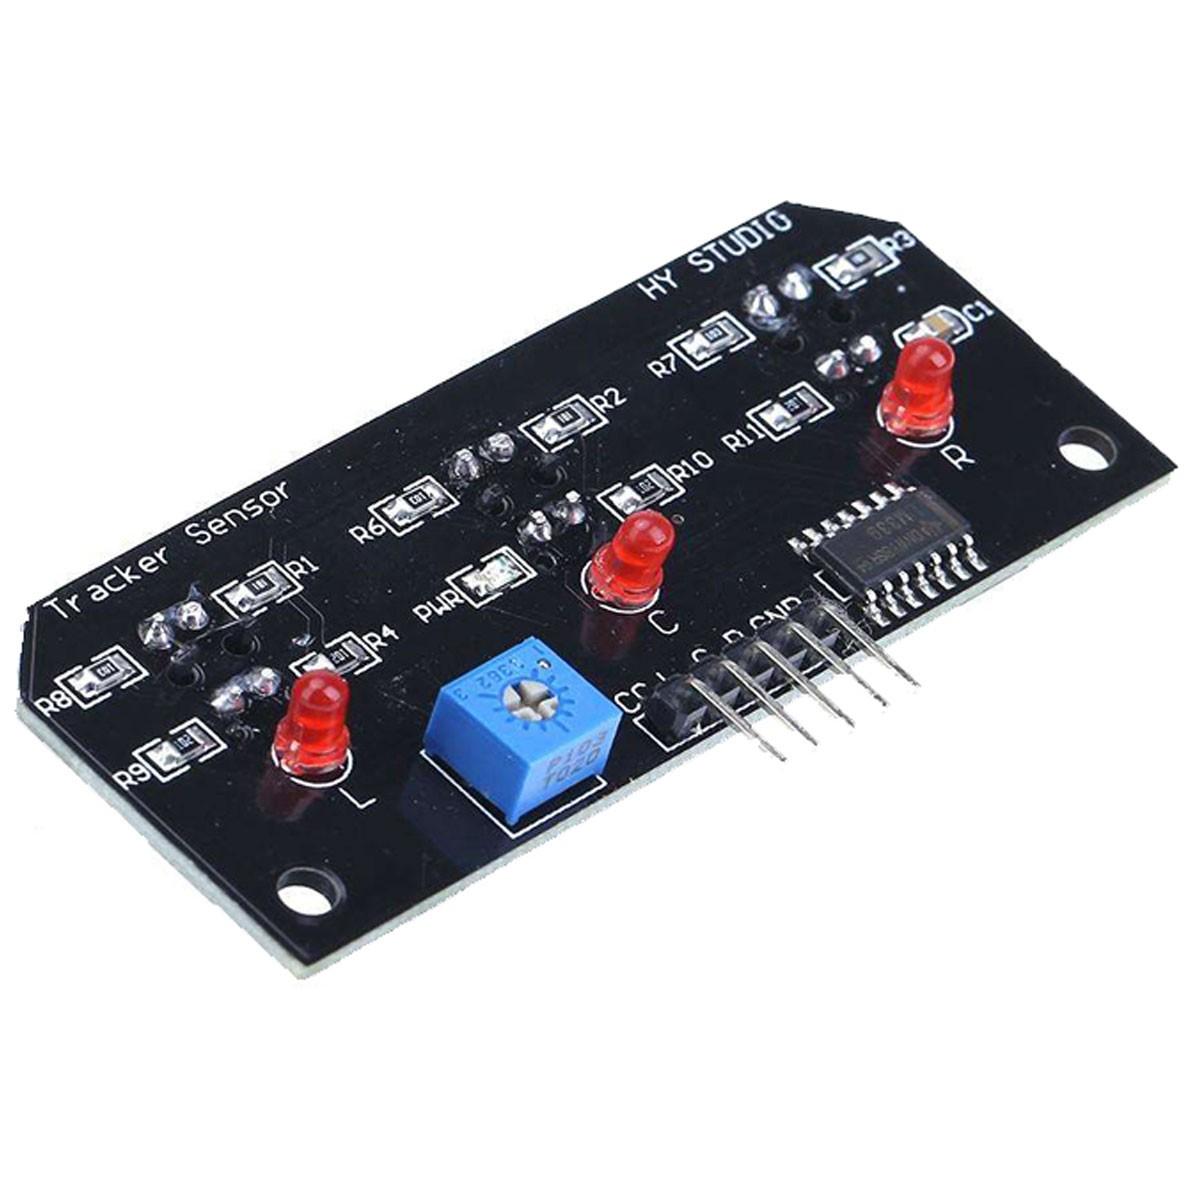 Módulo Seguidor de Linha Infravermelho com Sensor TCRT5000 - 3 Canais